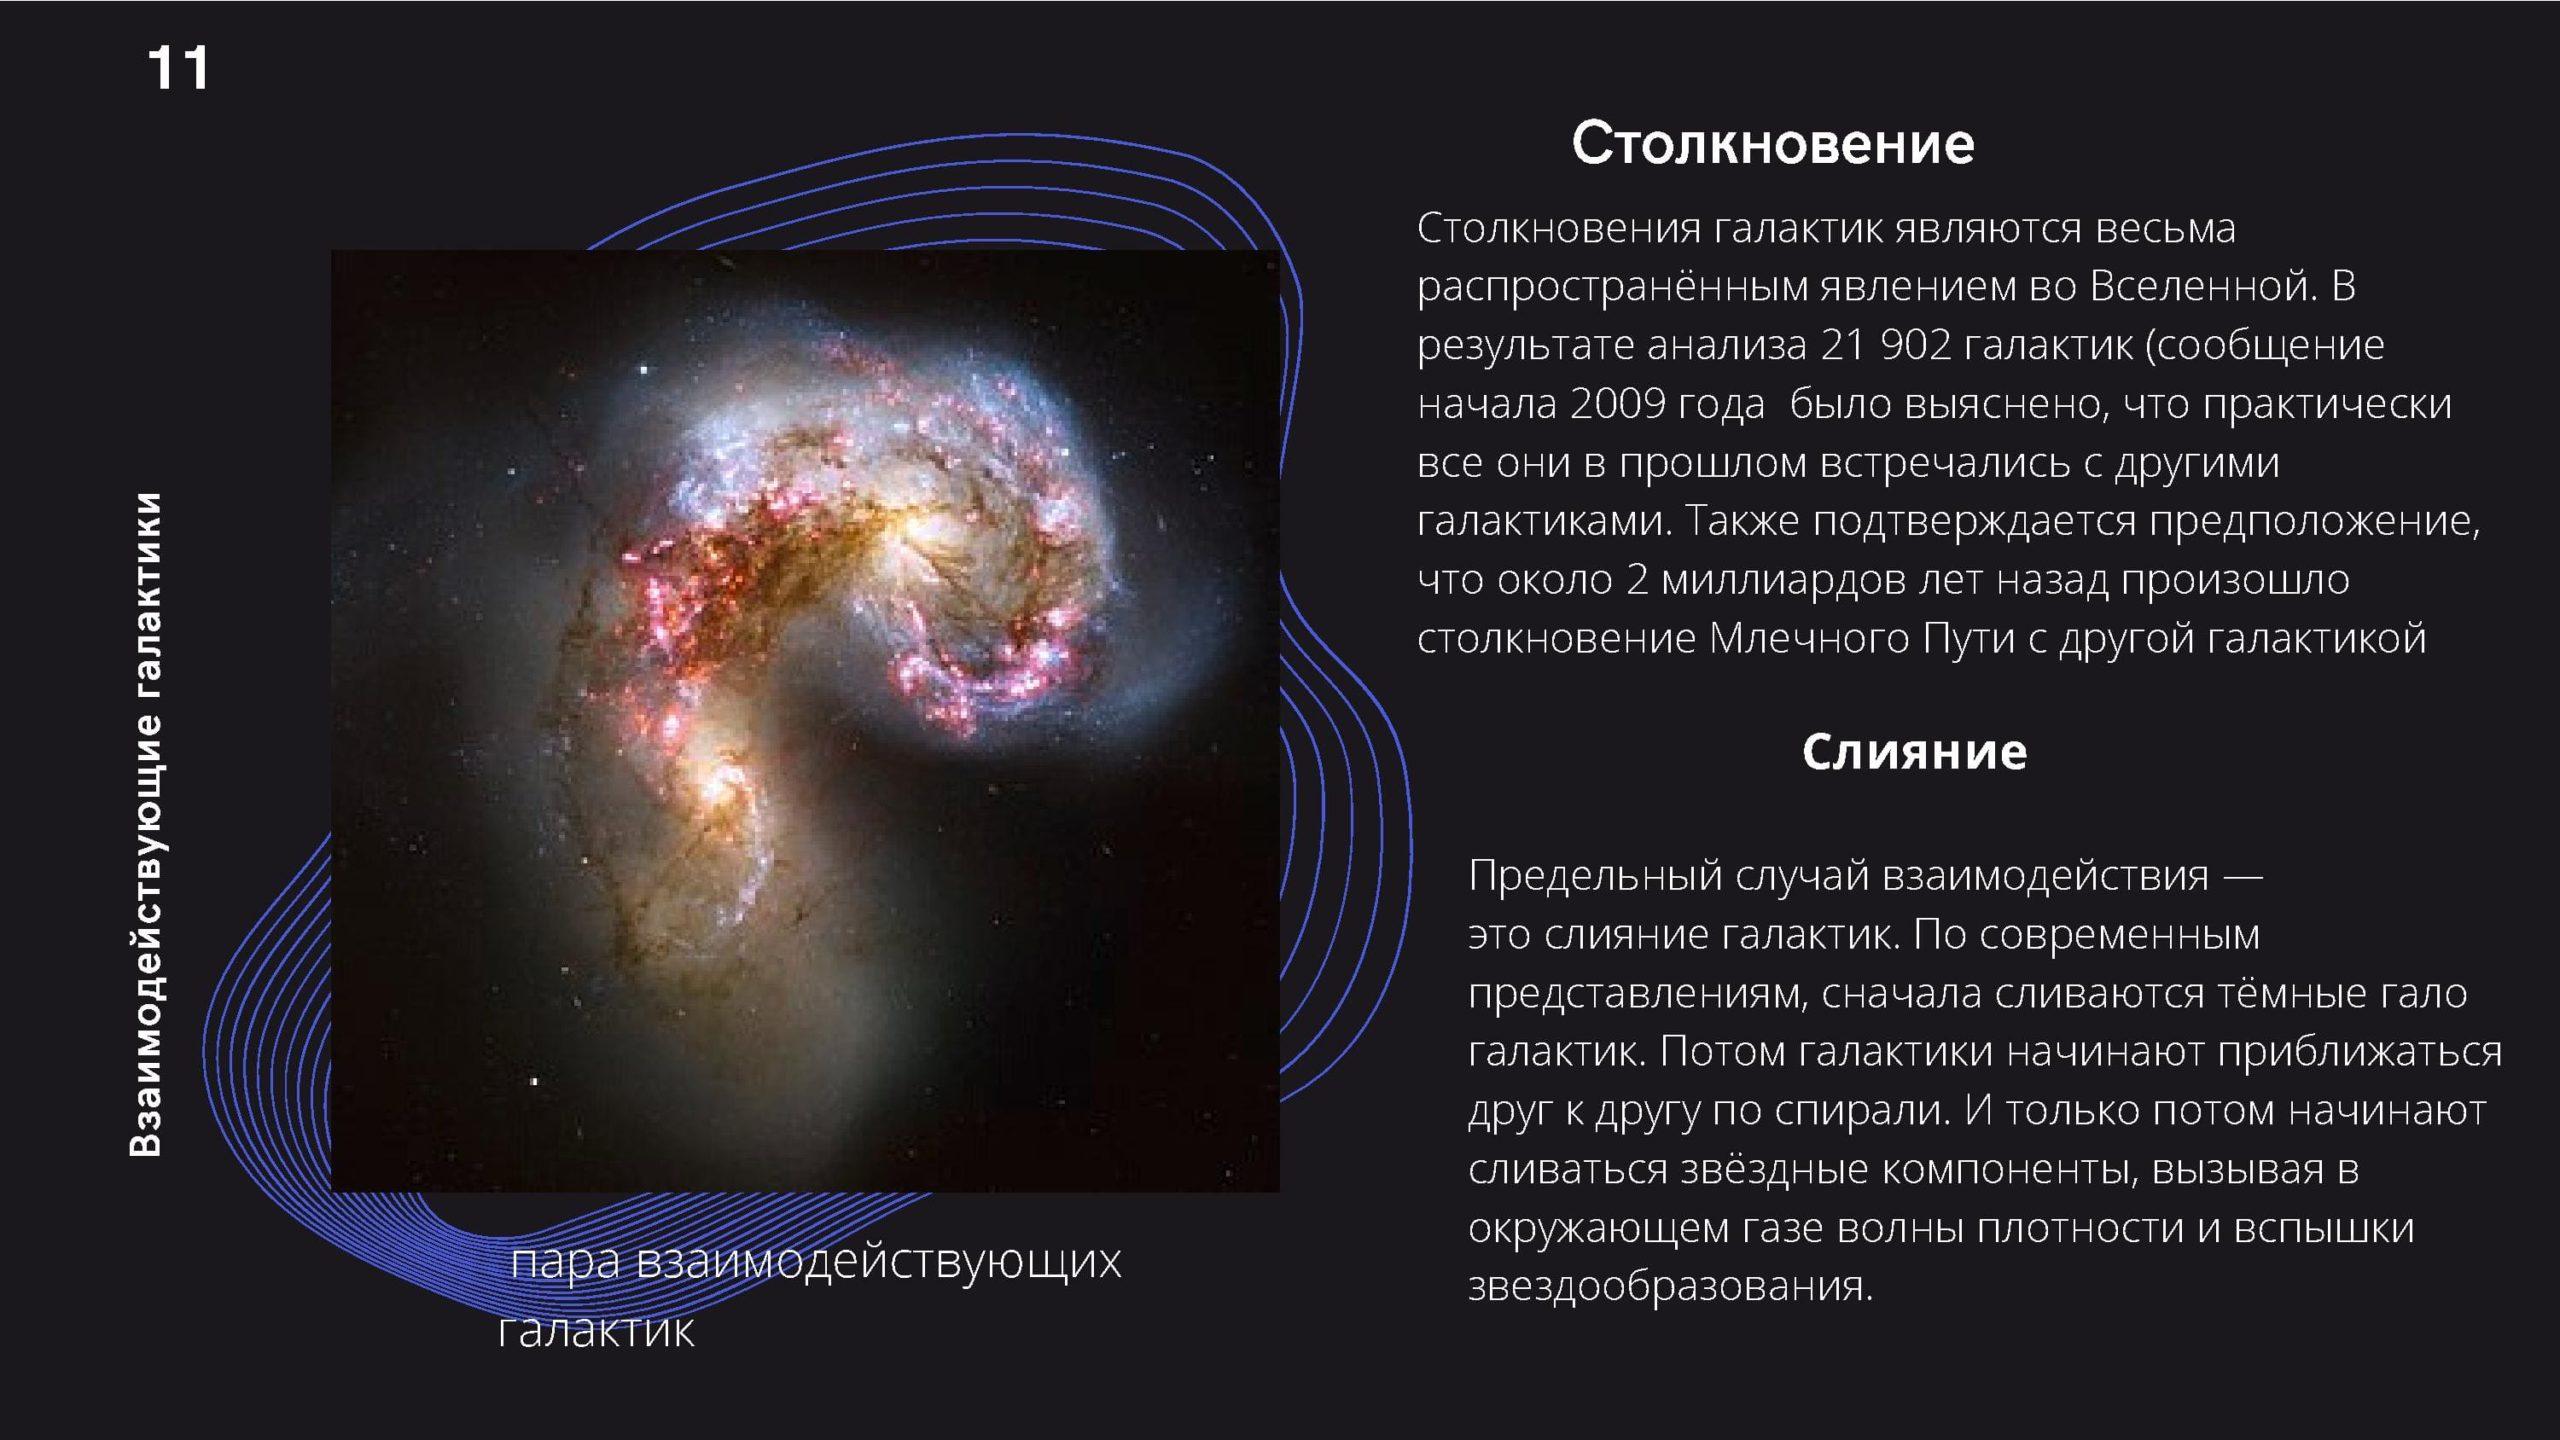 Столкновение галактик. Слияние галактик